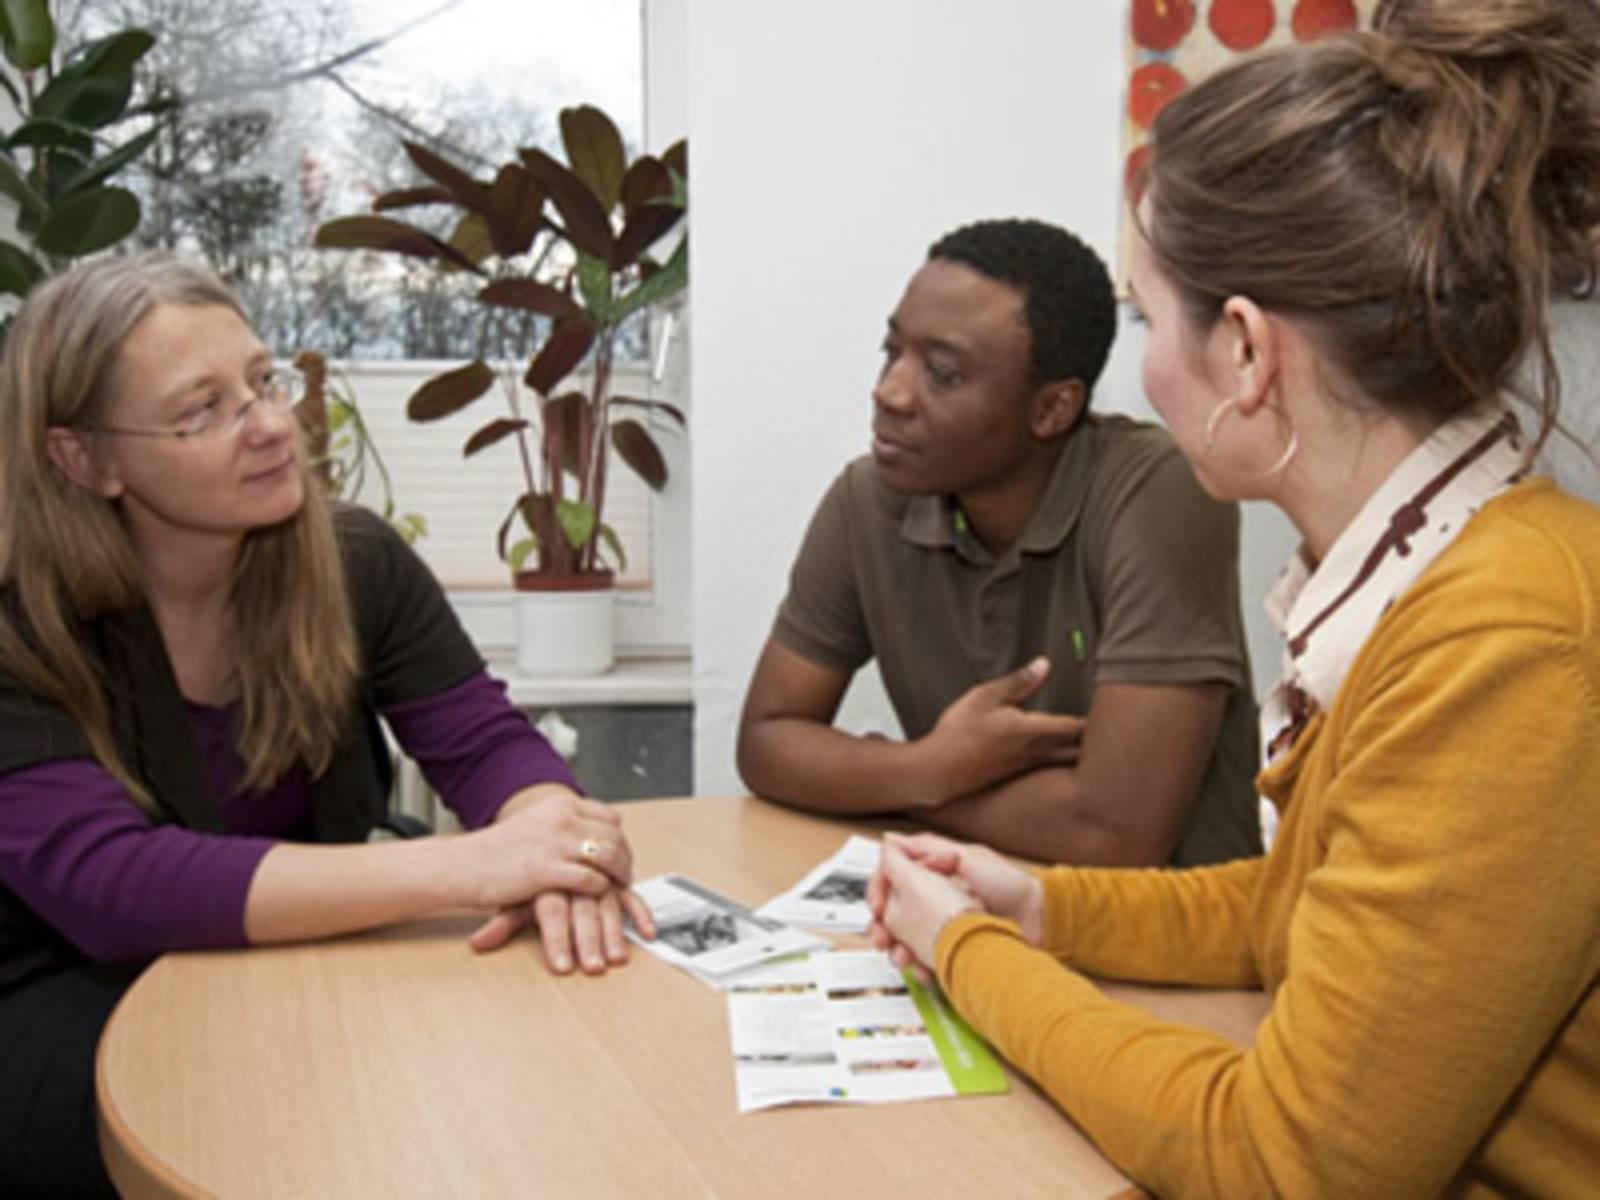 Eine Frau berät zwei junge Erwachsene.